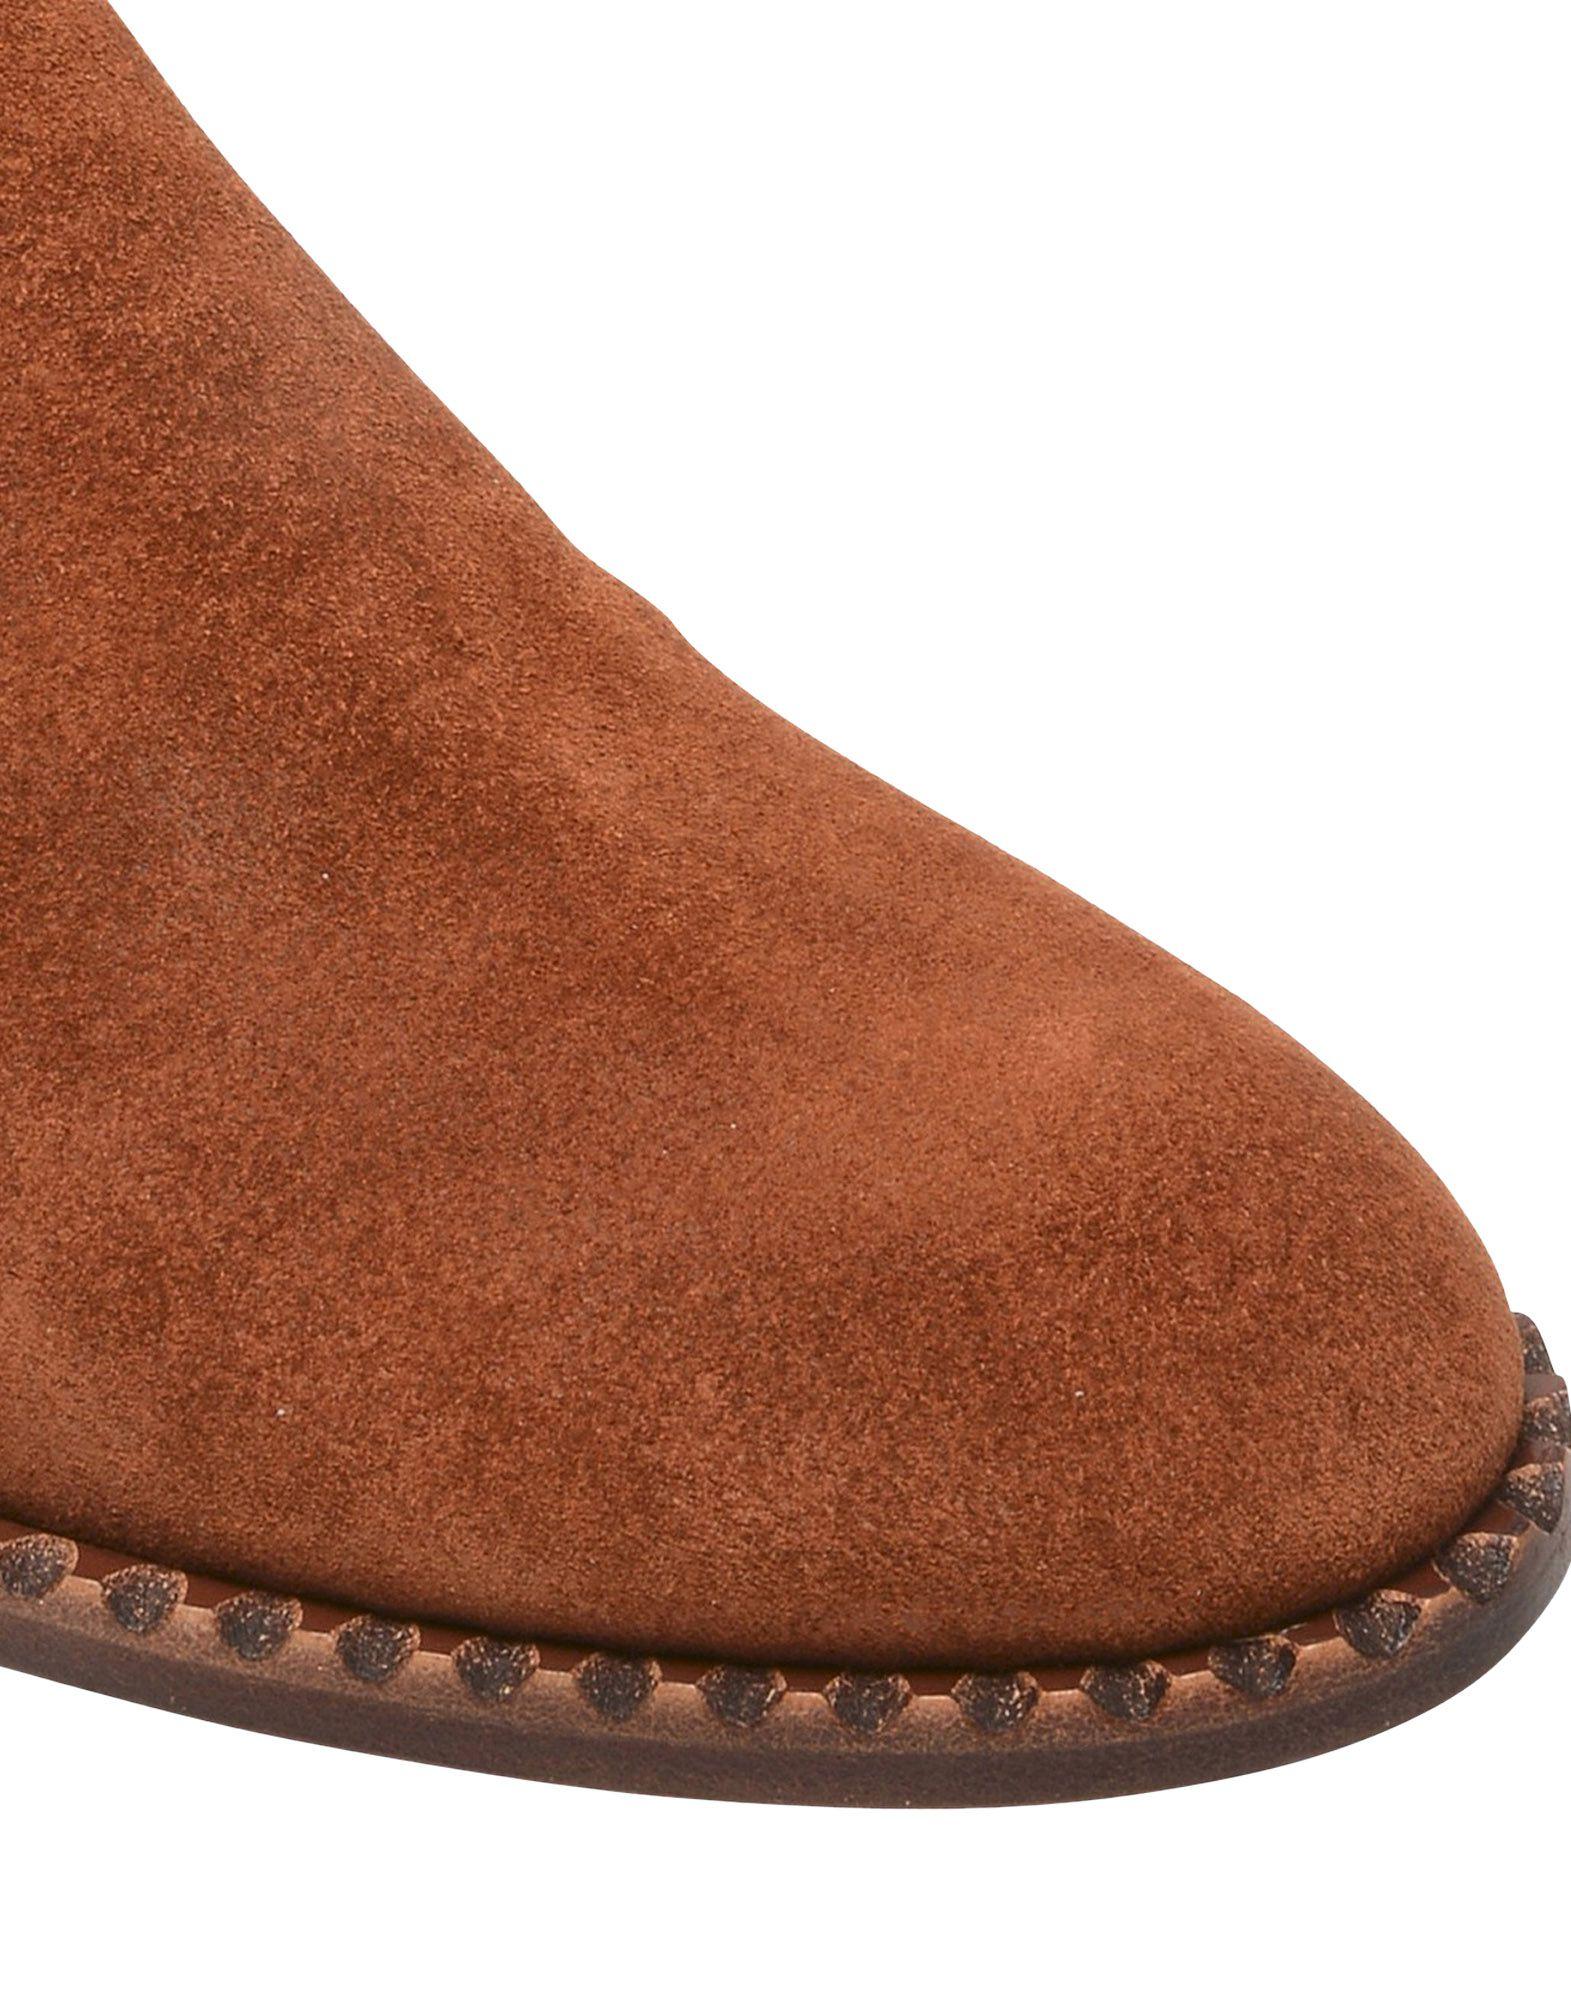 Rabatt Schuhe Marc By Marc Jacobs Stiefelette Damen  11444614WO